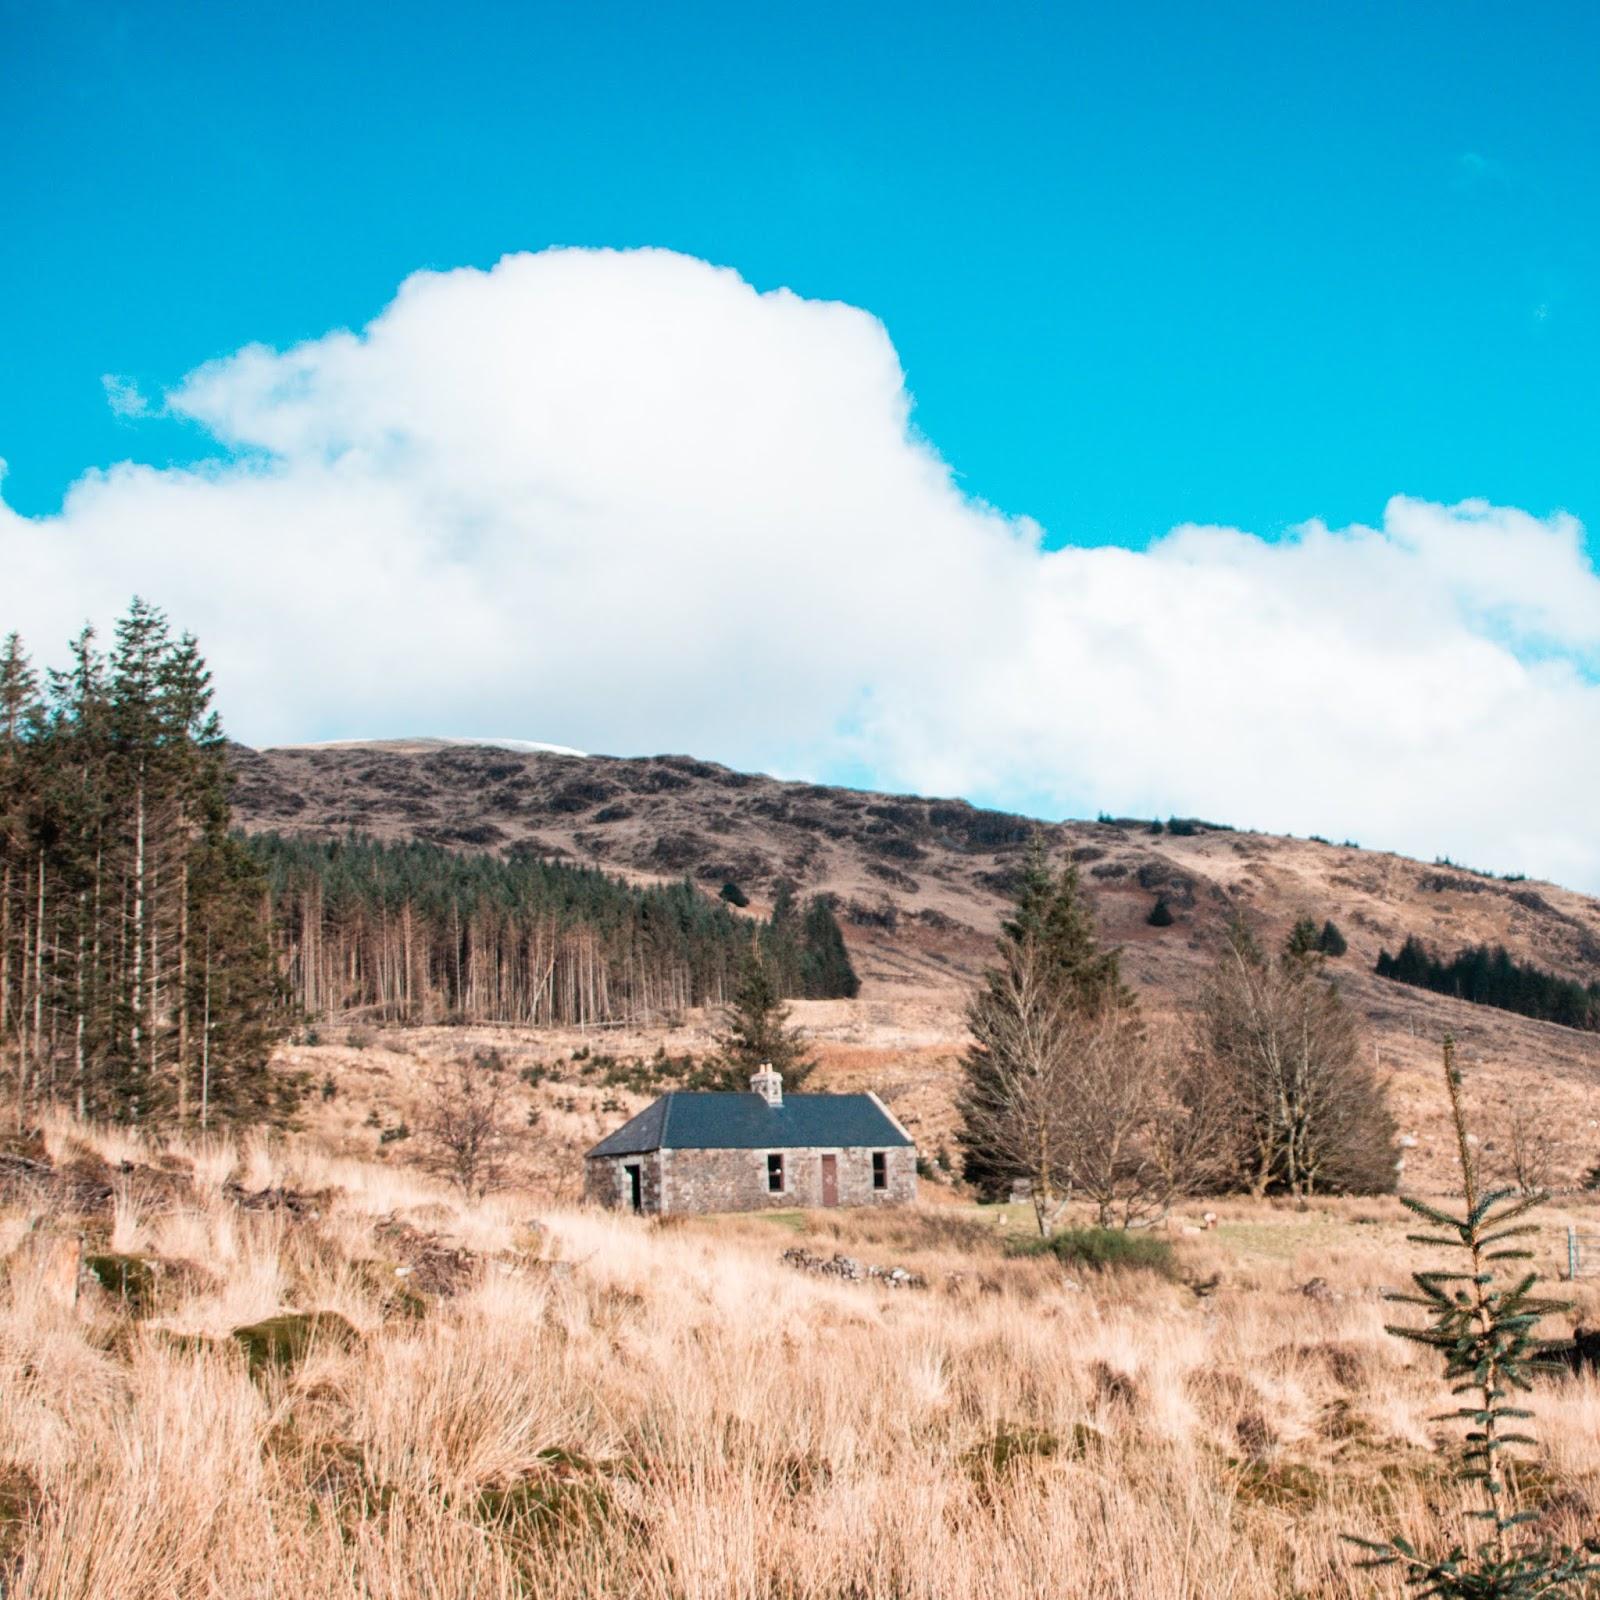 glentrool newton stewart visit dumfries and galloway scotland